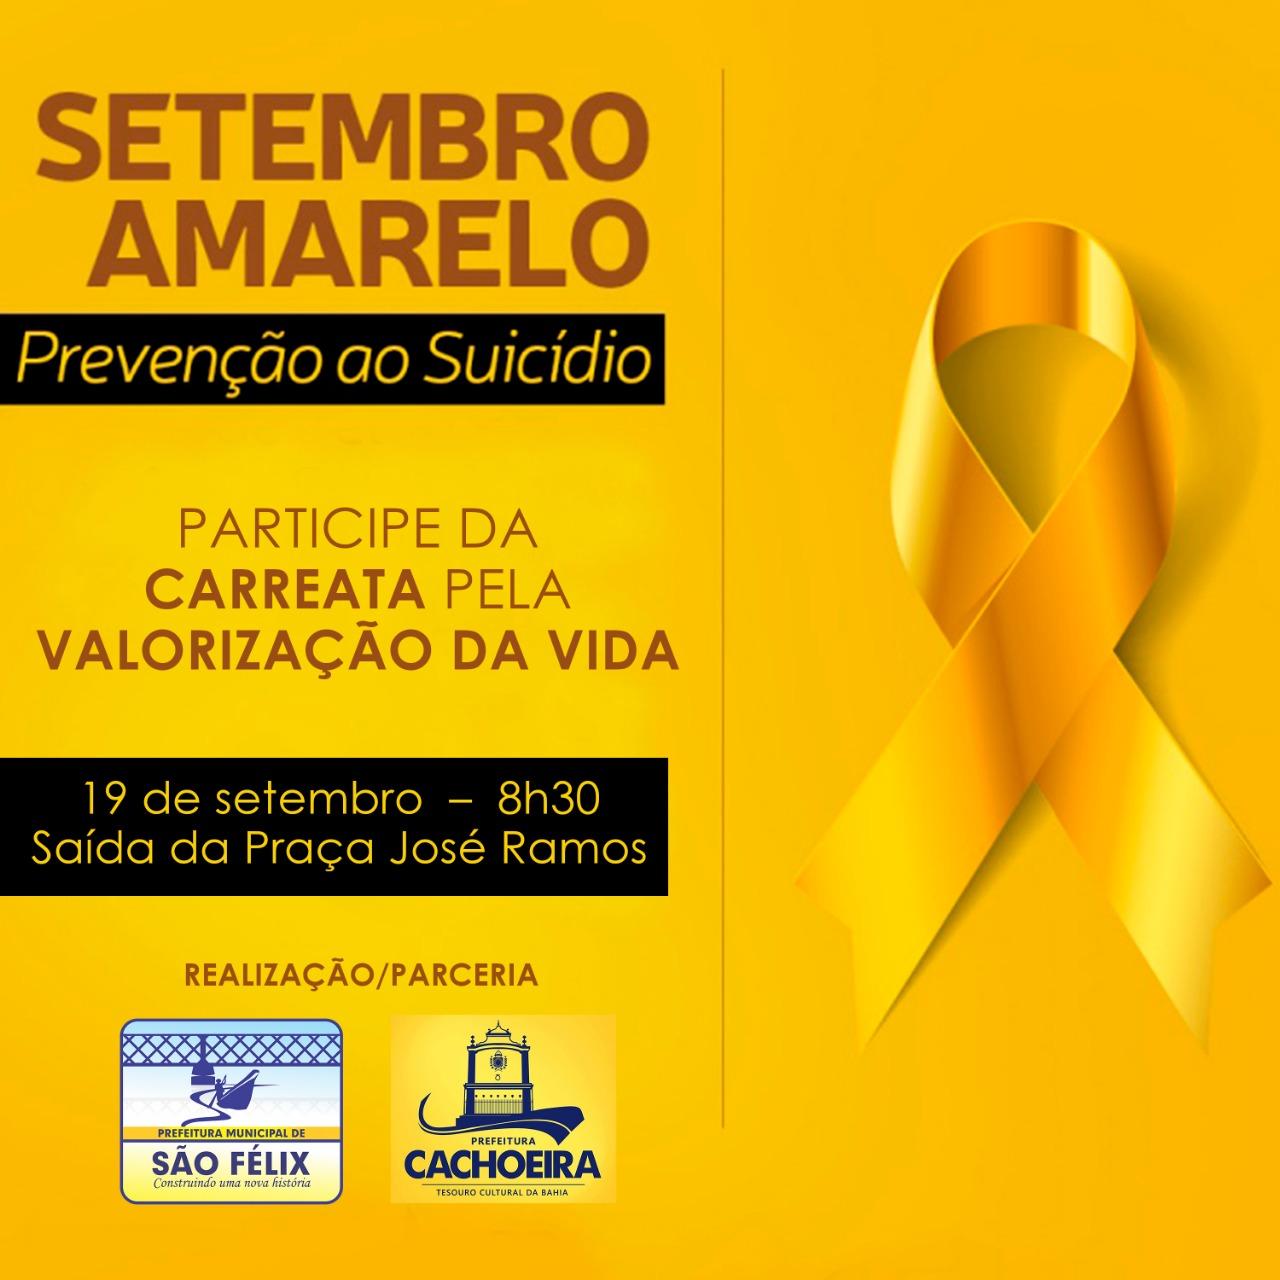 Prefeituras de São Félix e Cachoeira realizam ação conjunta do Setembro Amarelo